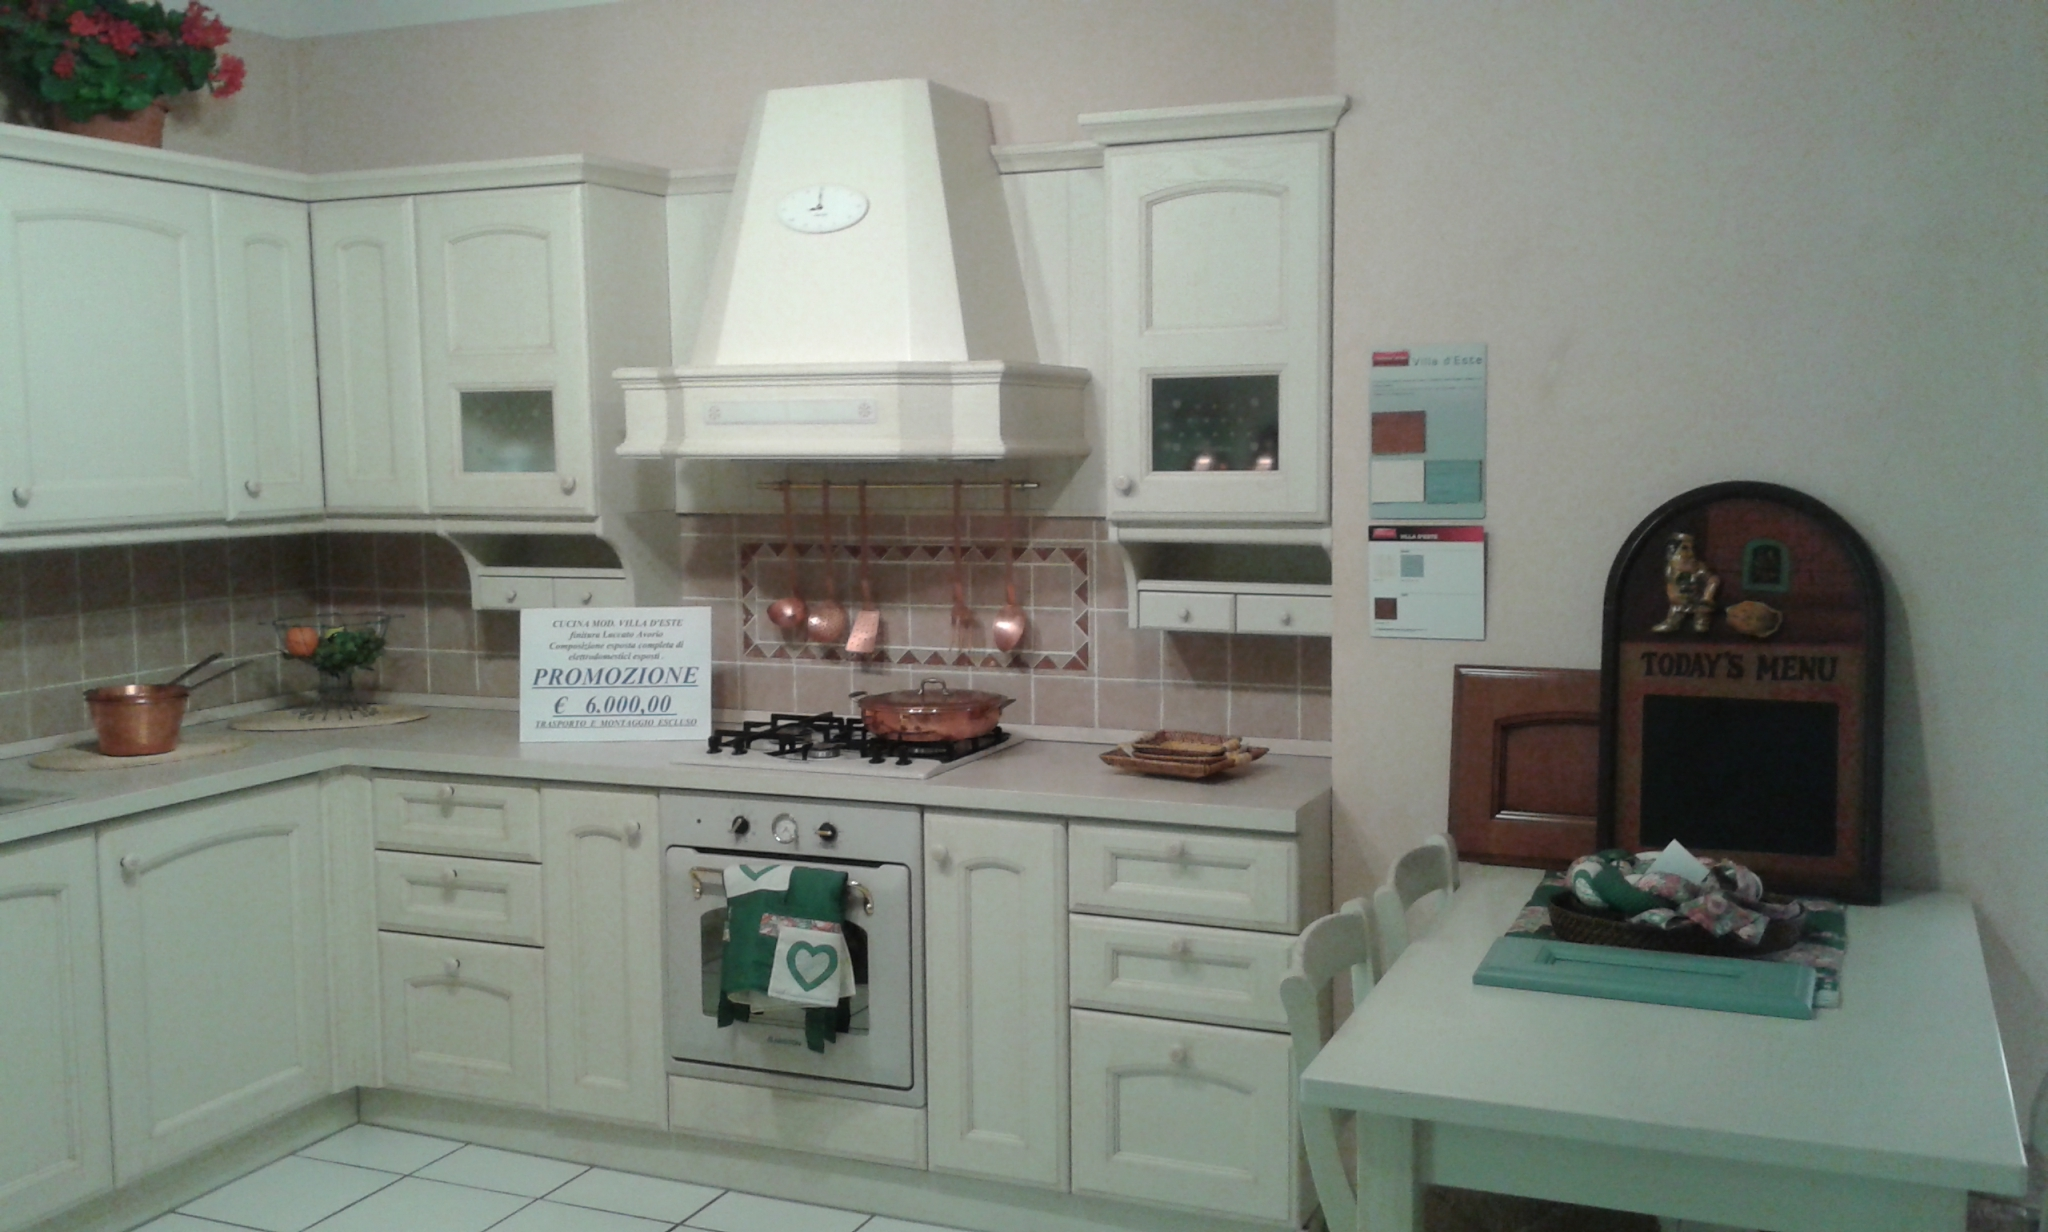 Cucina veneta cucine veneta cucine modello villa d 39 este - Prezzi veneta cucine ...